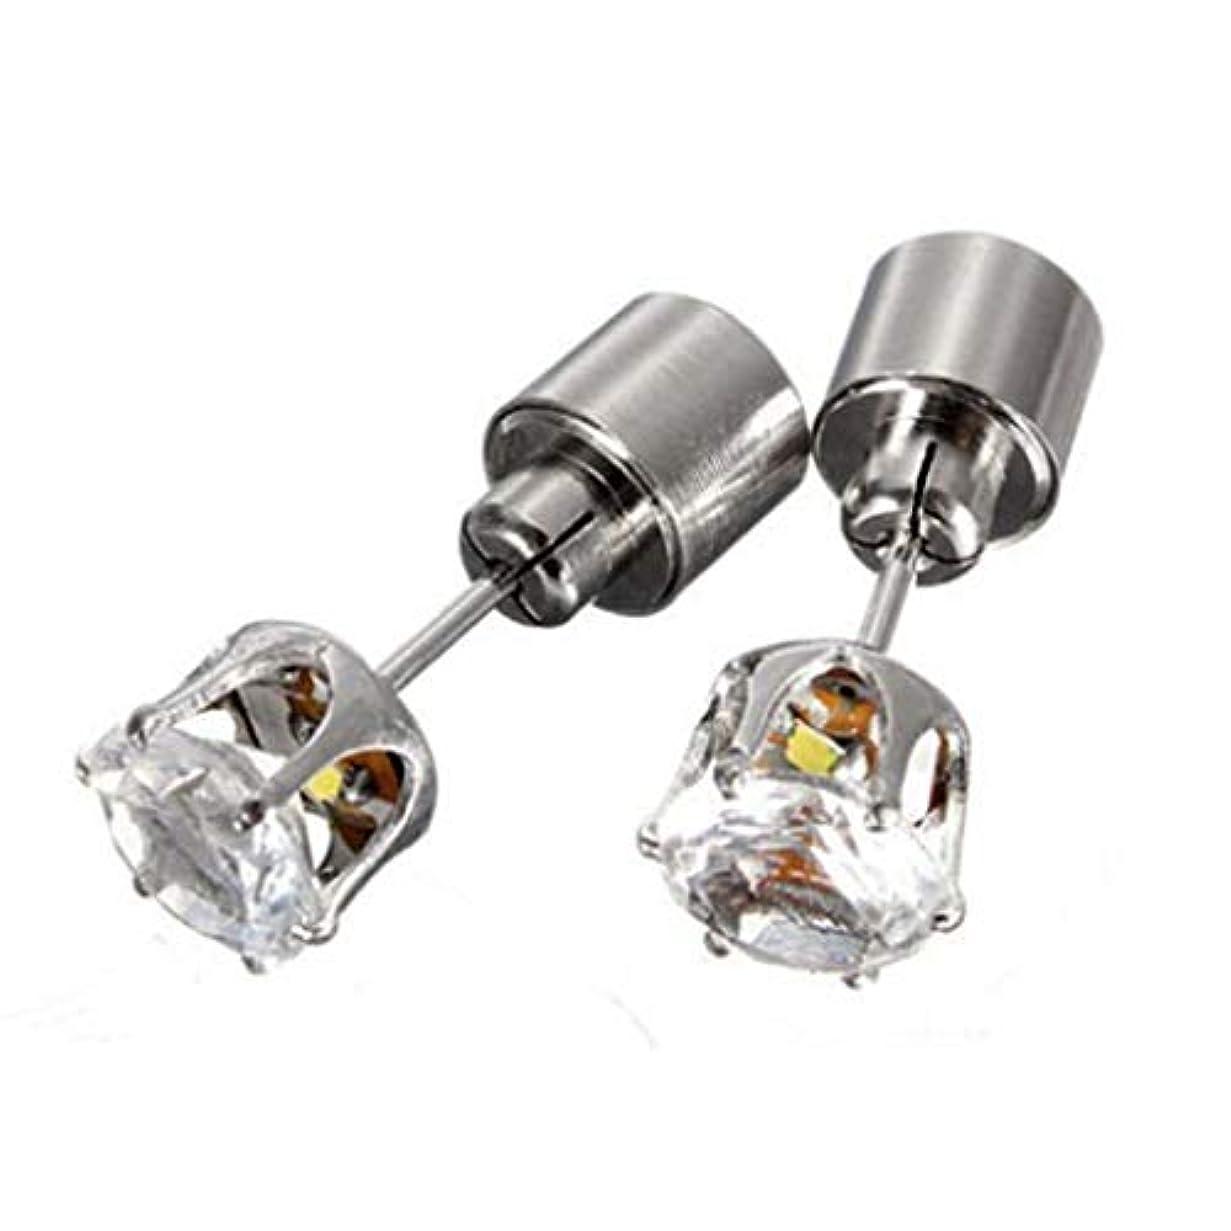 曲移動ウミウシOSMNICE LEDイヤリングスタッド輝く点滅ステンレス鋼イヤリングスタッド ファッションスタッドピアス敏感な耳のための低刺激性